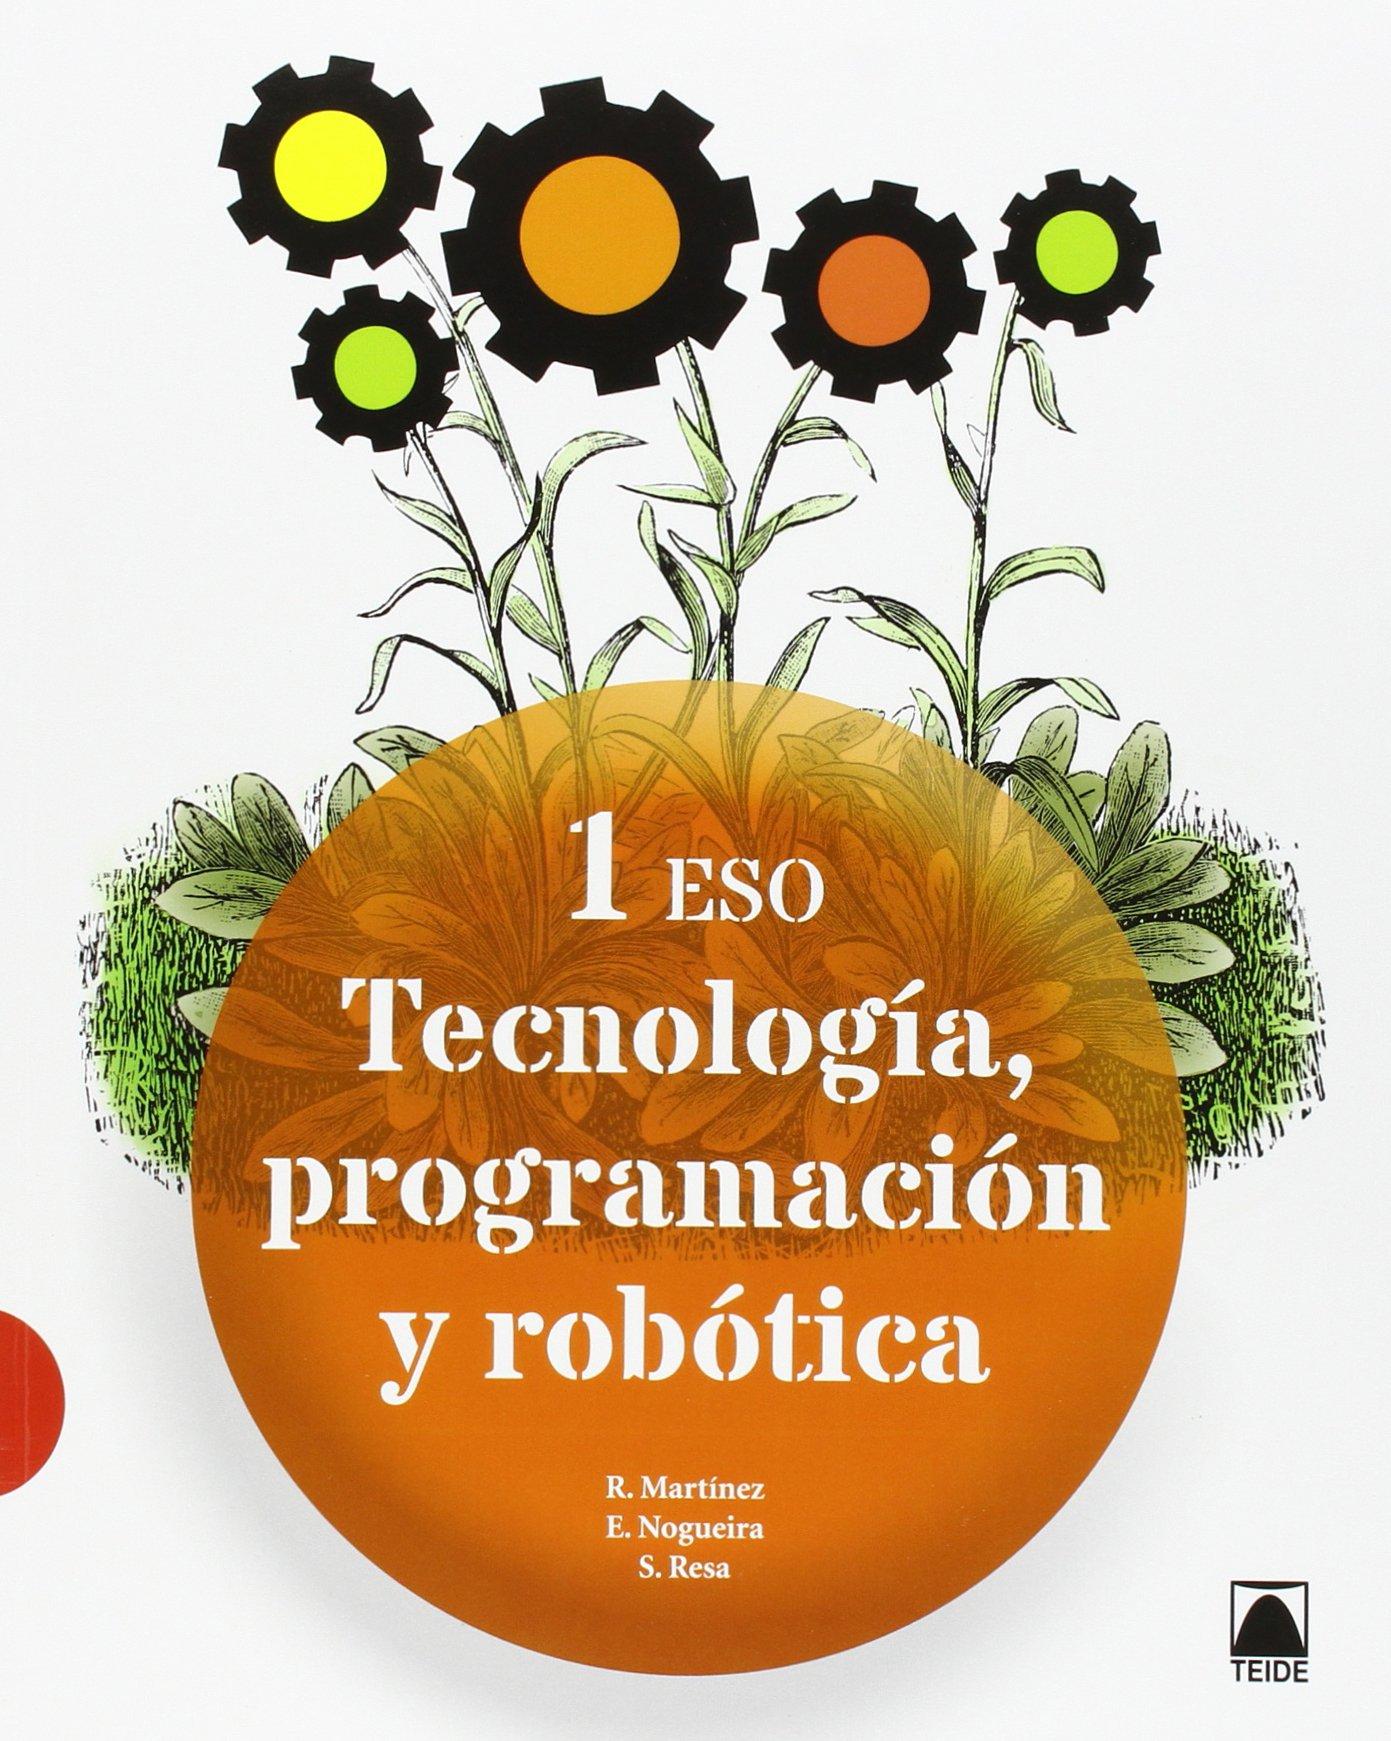 Tecnología, programación y robótica 1 ESO - 9788430791064: Amazon.es: Martínez López, Ramón, Resa i Blanquez, Sergi, Nogueira Rodríguez, Ernesto: Libros